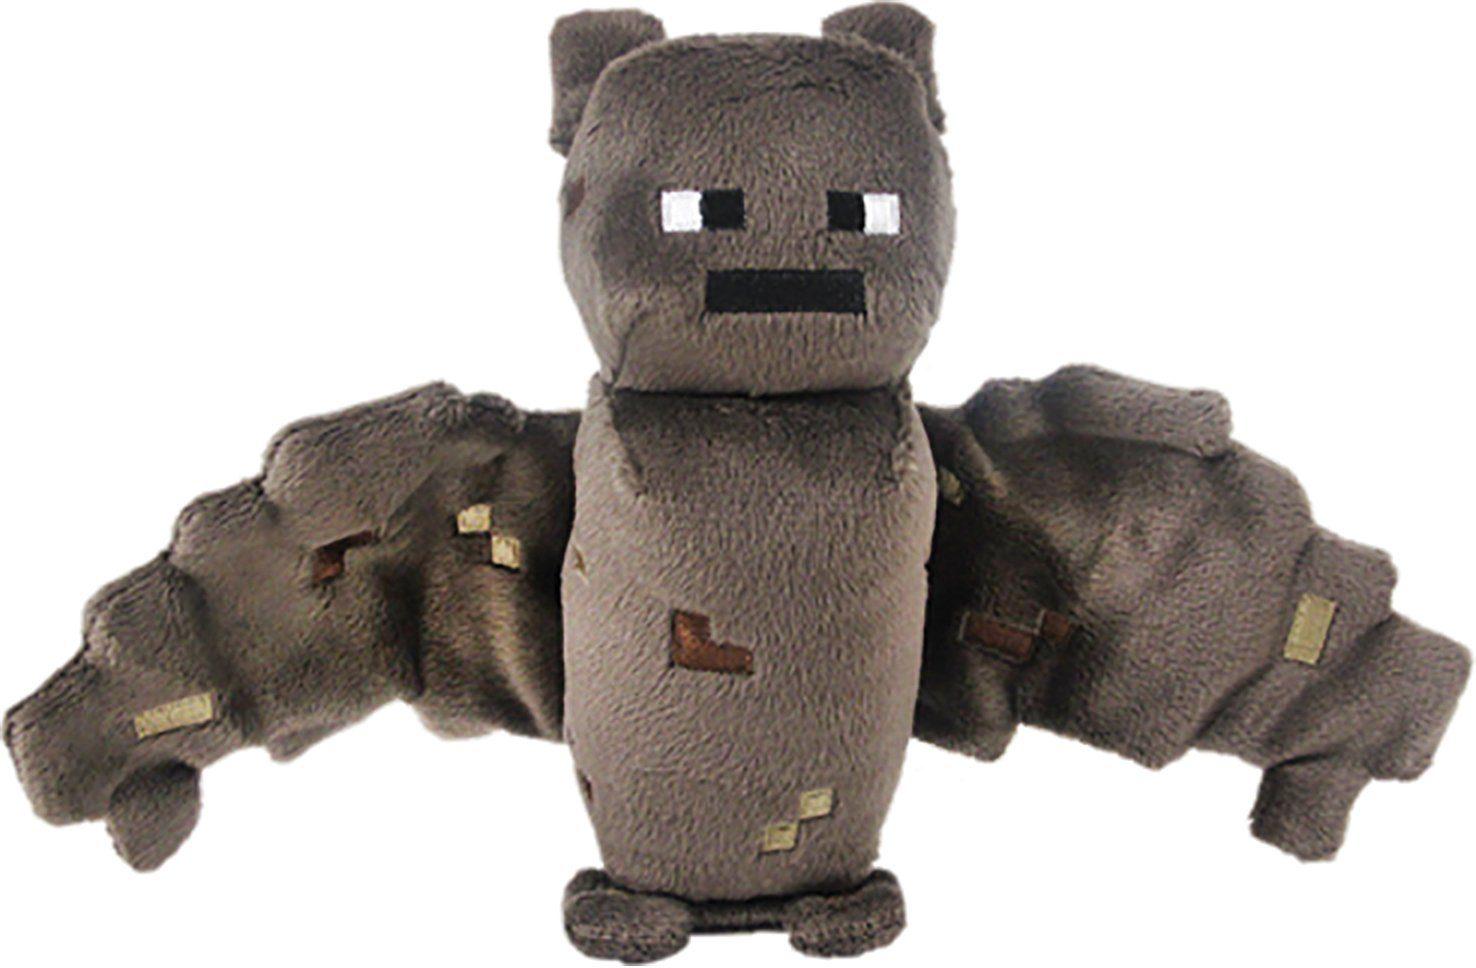 Plüschtier, »Minecraft, Fledermaus Serie 2, ca. 18 cm«